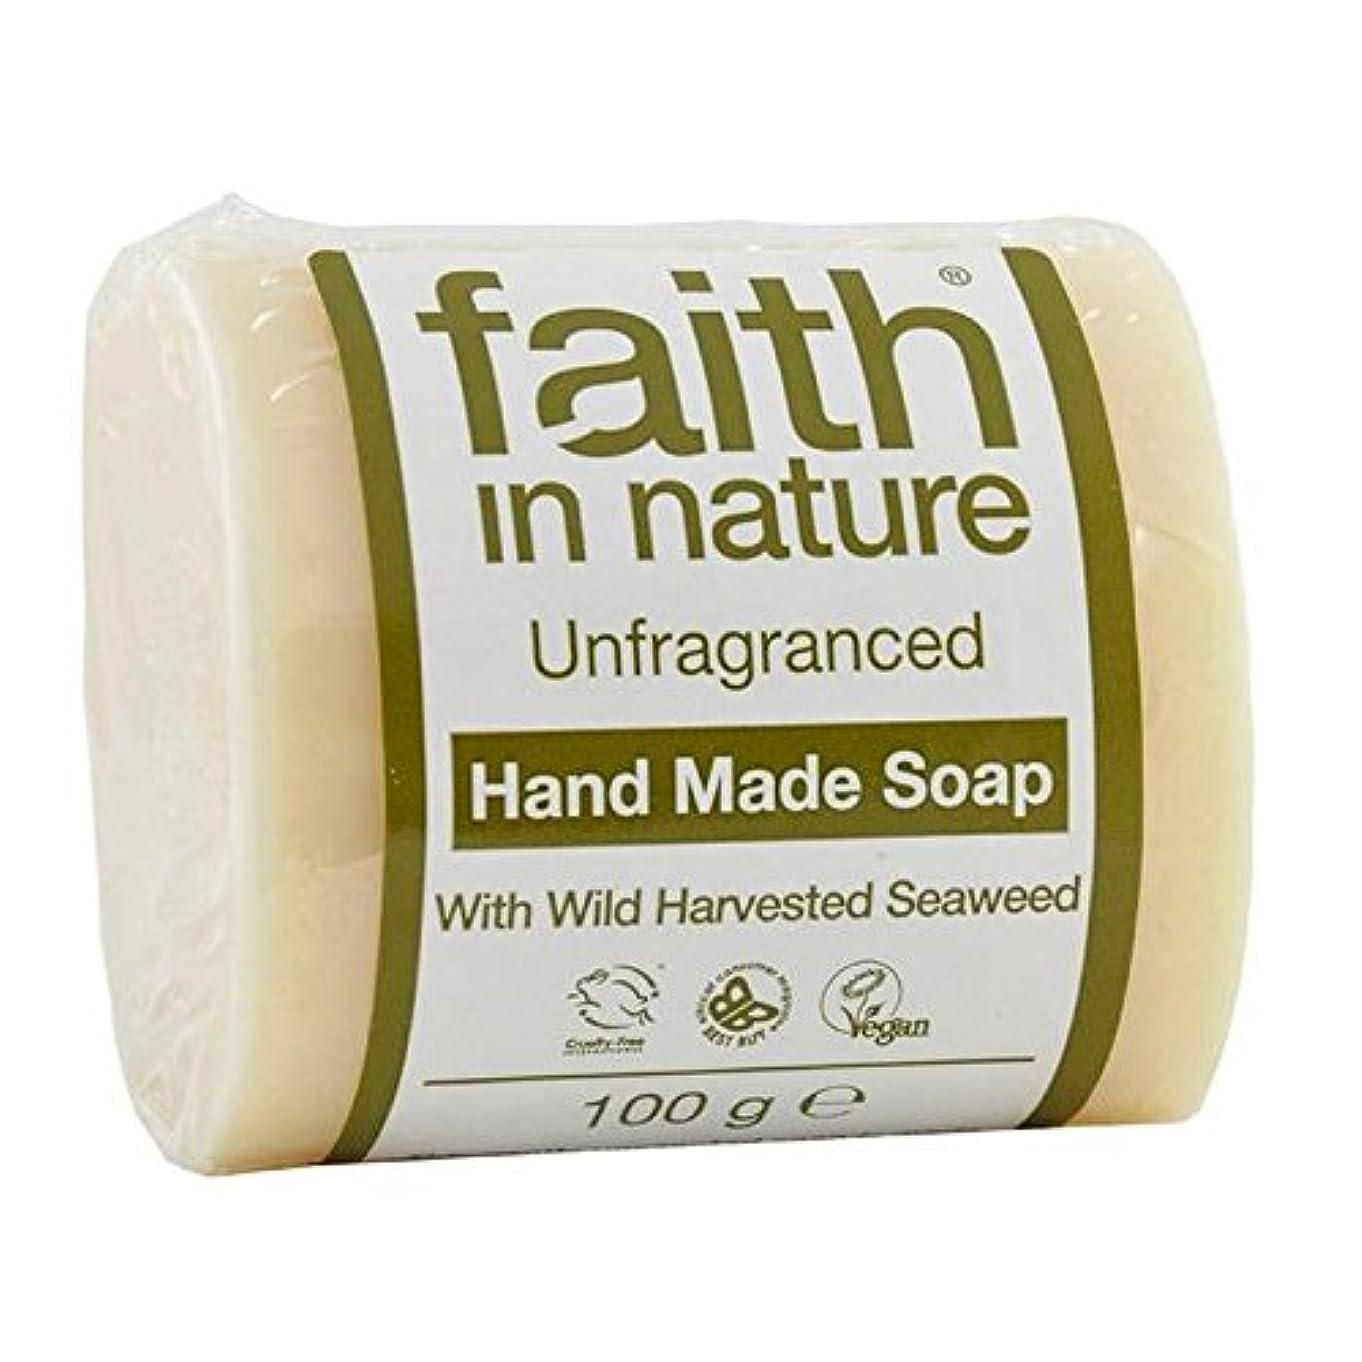 配管工政治的土砂降りFaith in Nature Unfragranced Pure Hand Made Soap 100g (Pack of 2) - (Faith In Nature) 自然の中で信仰は純粋な手作り石鹸100グラムを無香料 (x2) [並行輸入品]